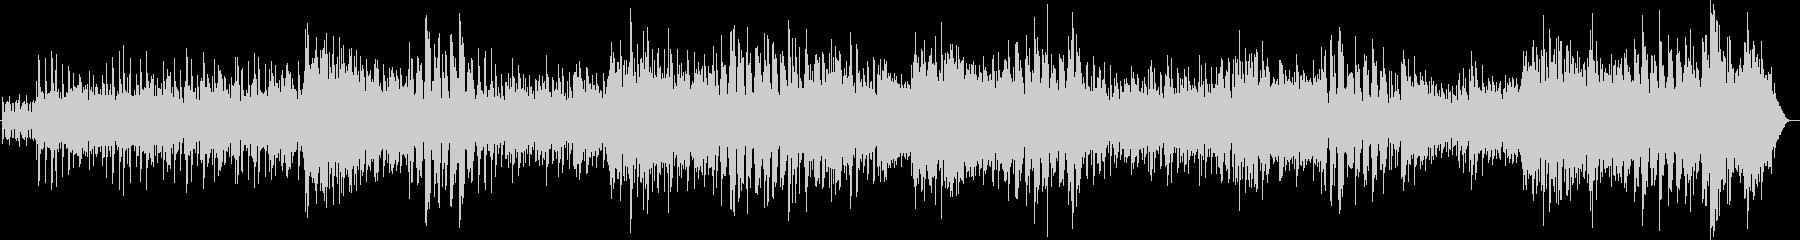 サンバ 爽やかでグルーヴィーなボサノバの未再生の波形